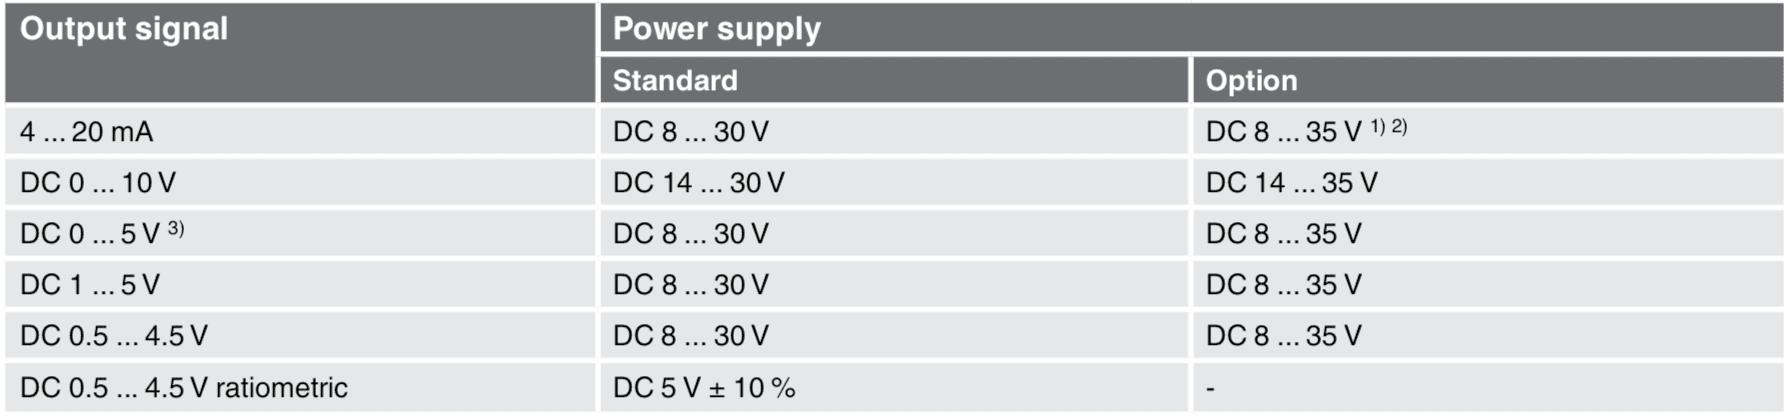 خروجی سیگنال ترانسمیتر فشار ویکا a-10